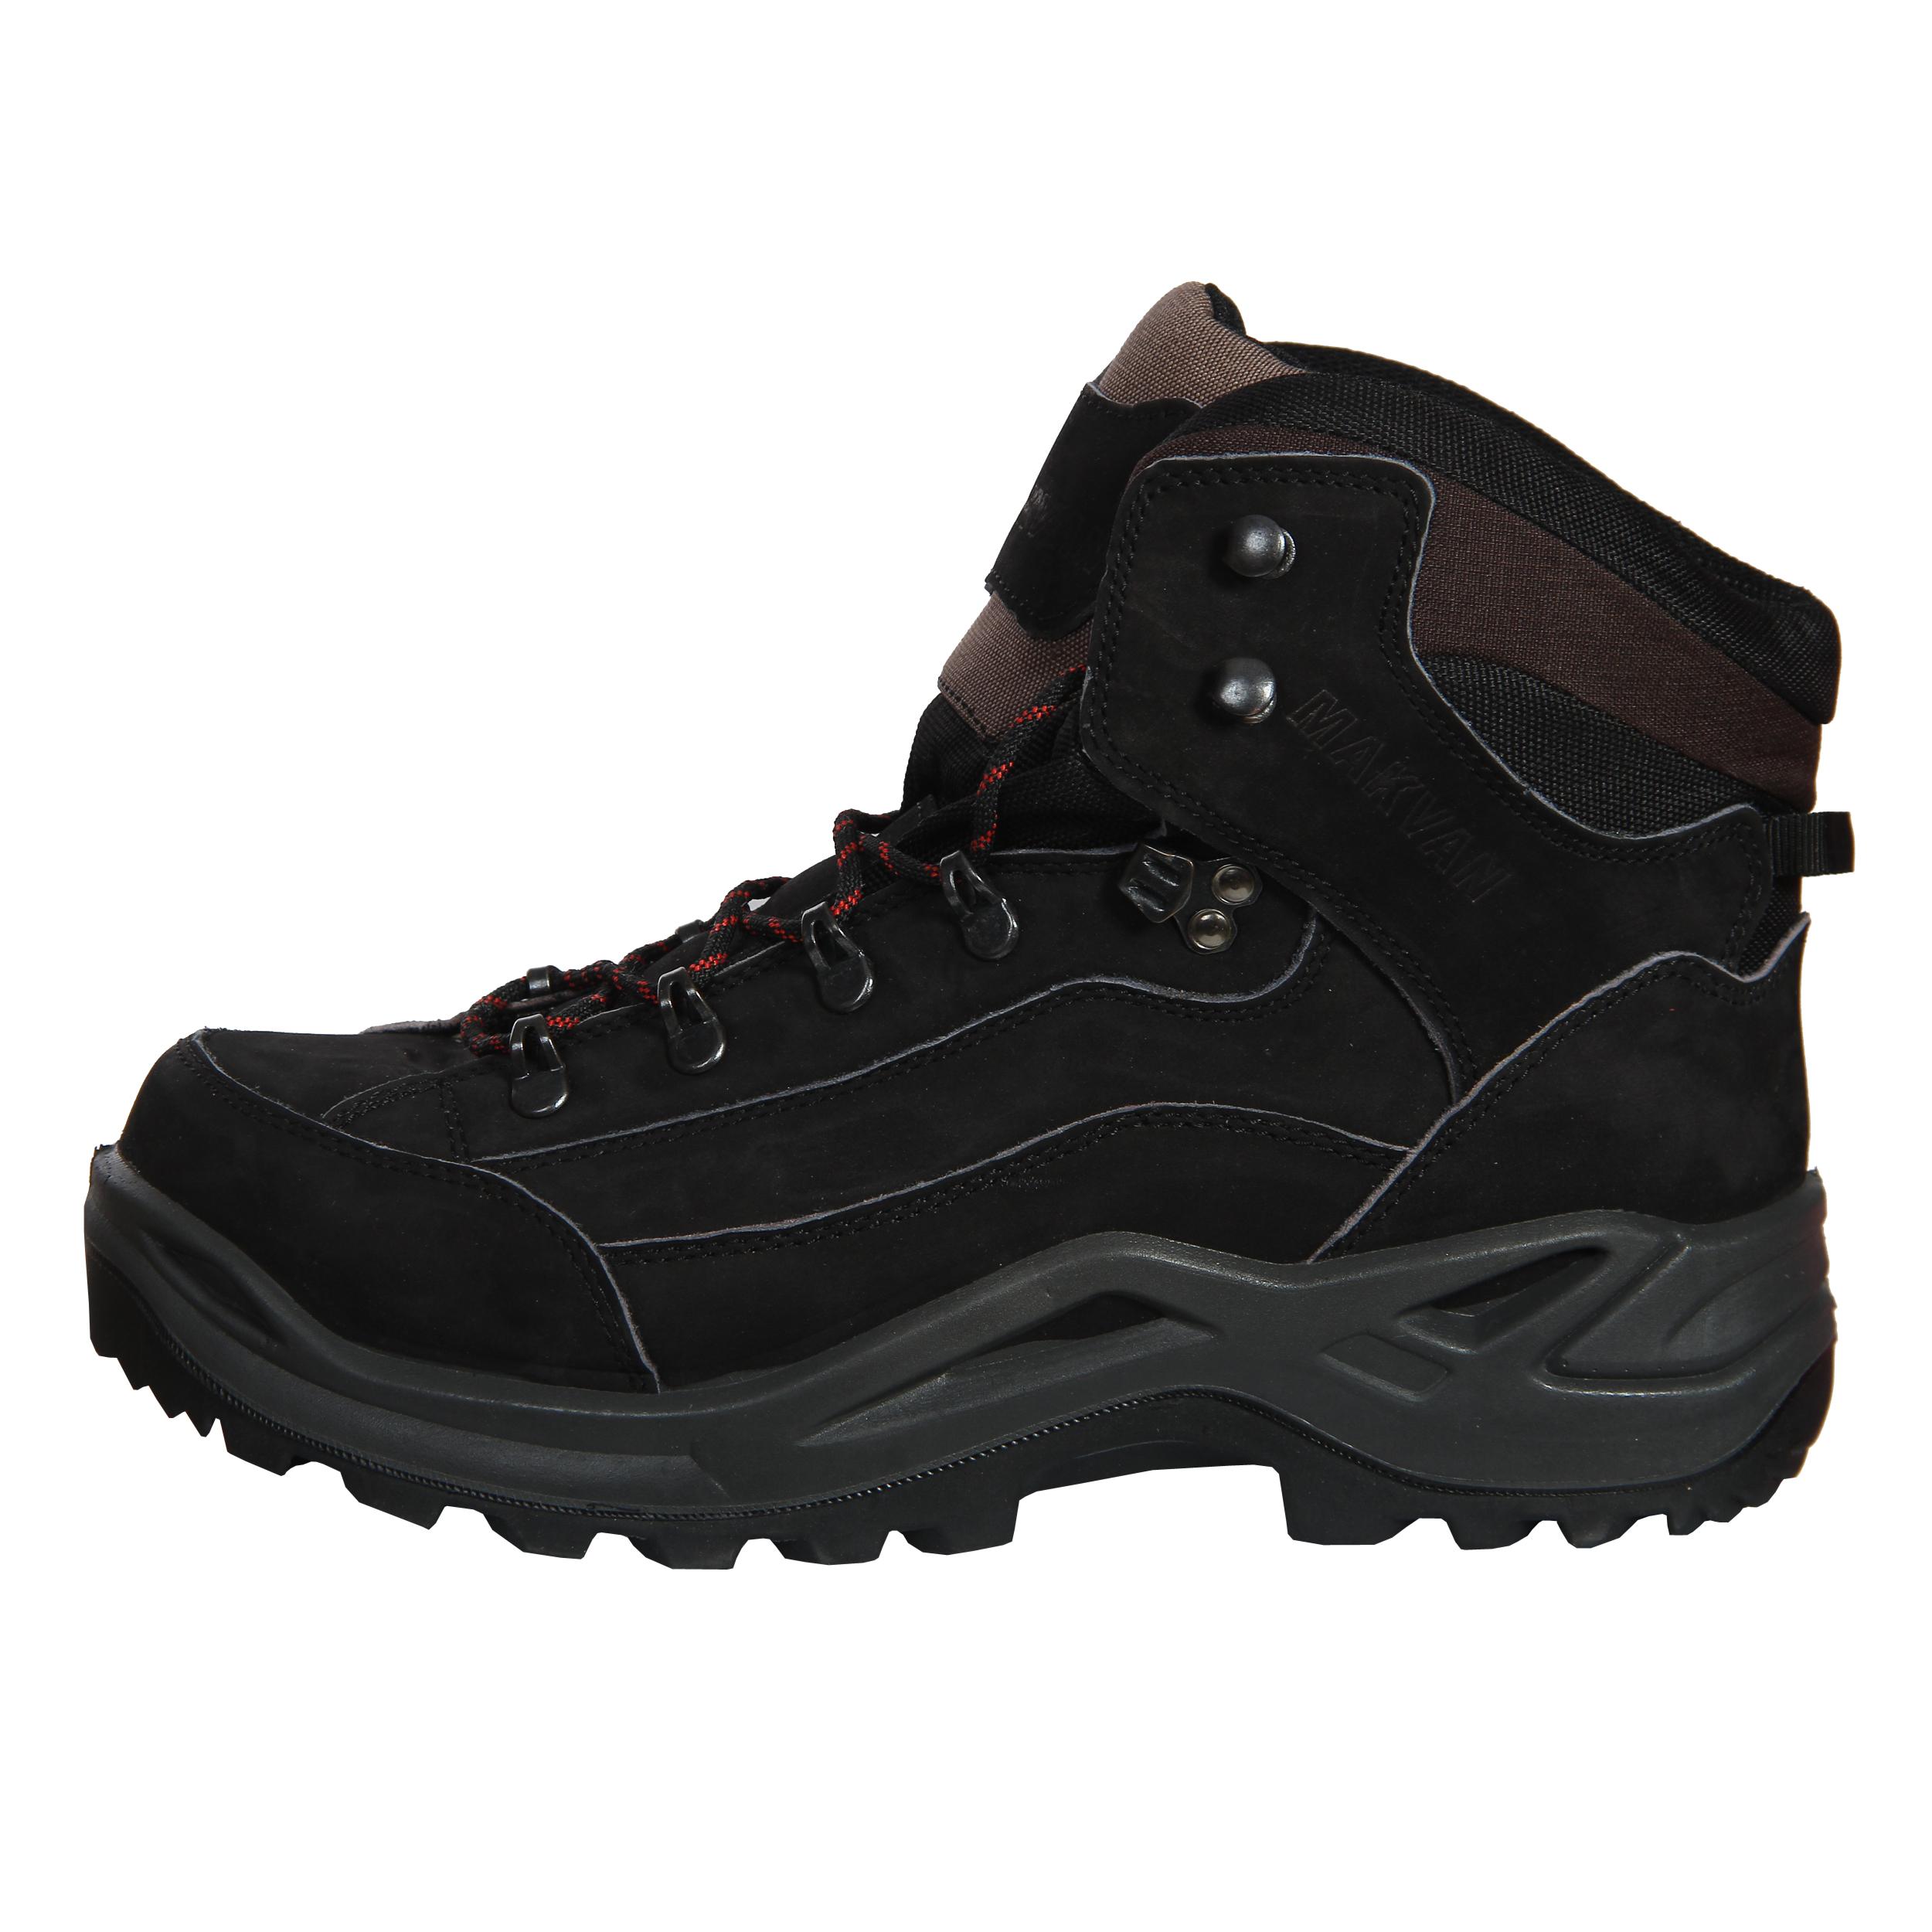 کفش کوهنوردی مدل مکوان کد 5641